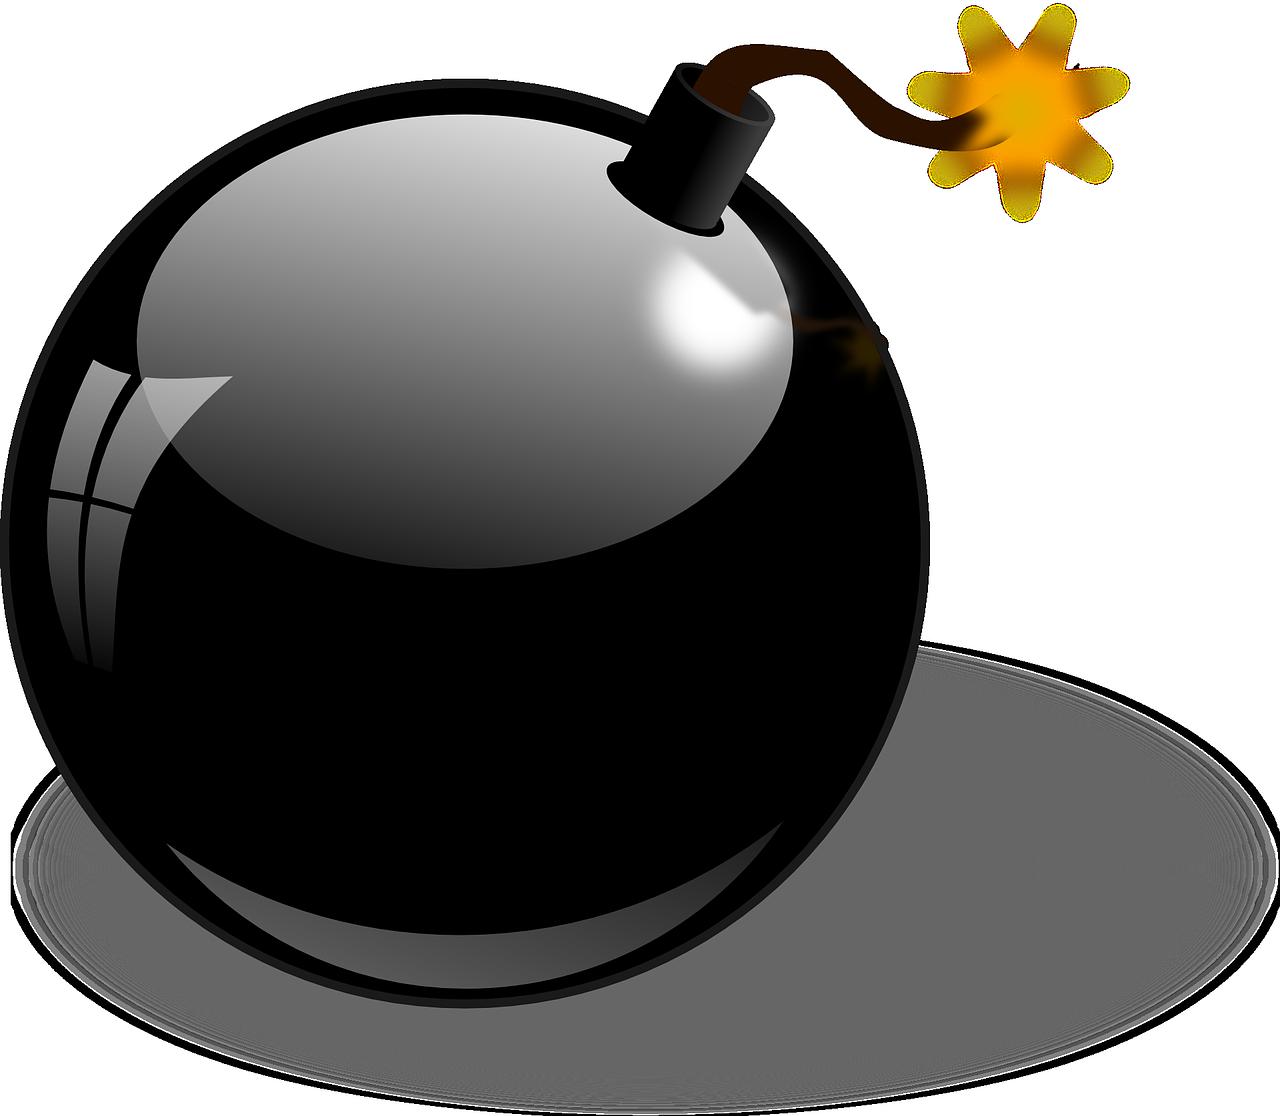 Clipart Bomb